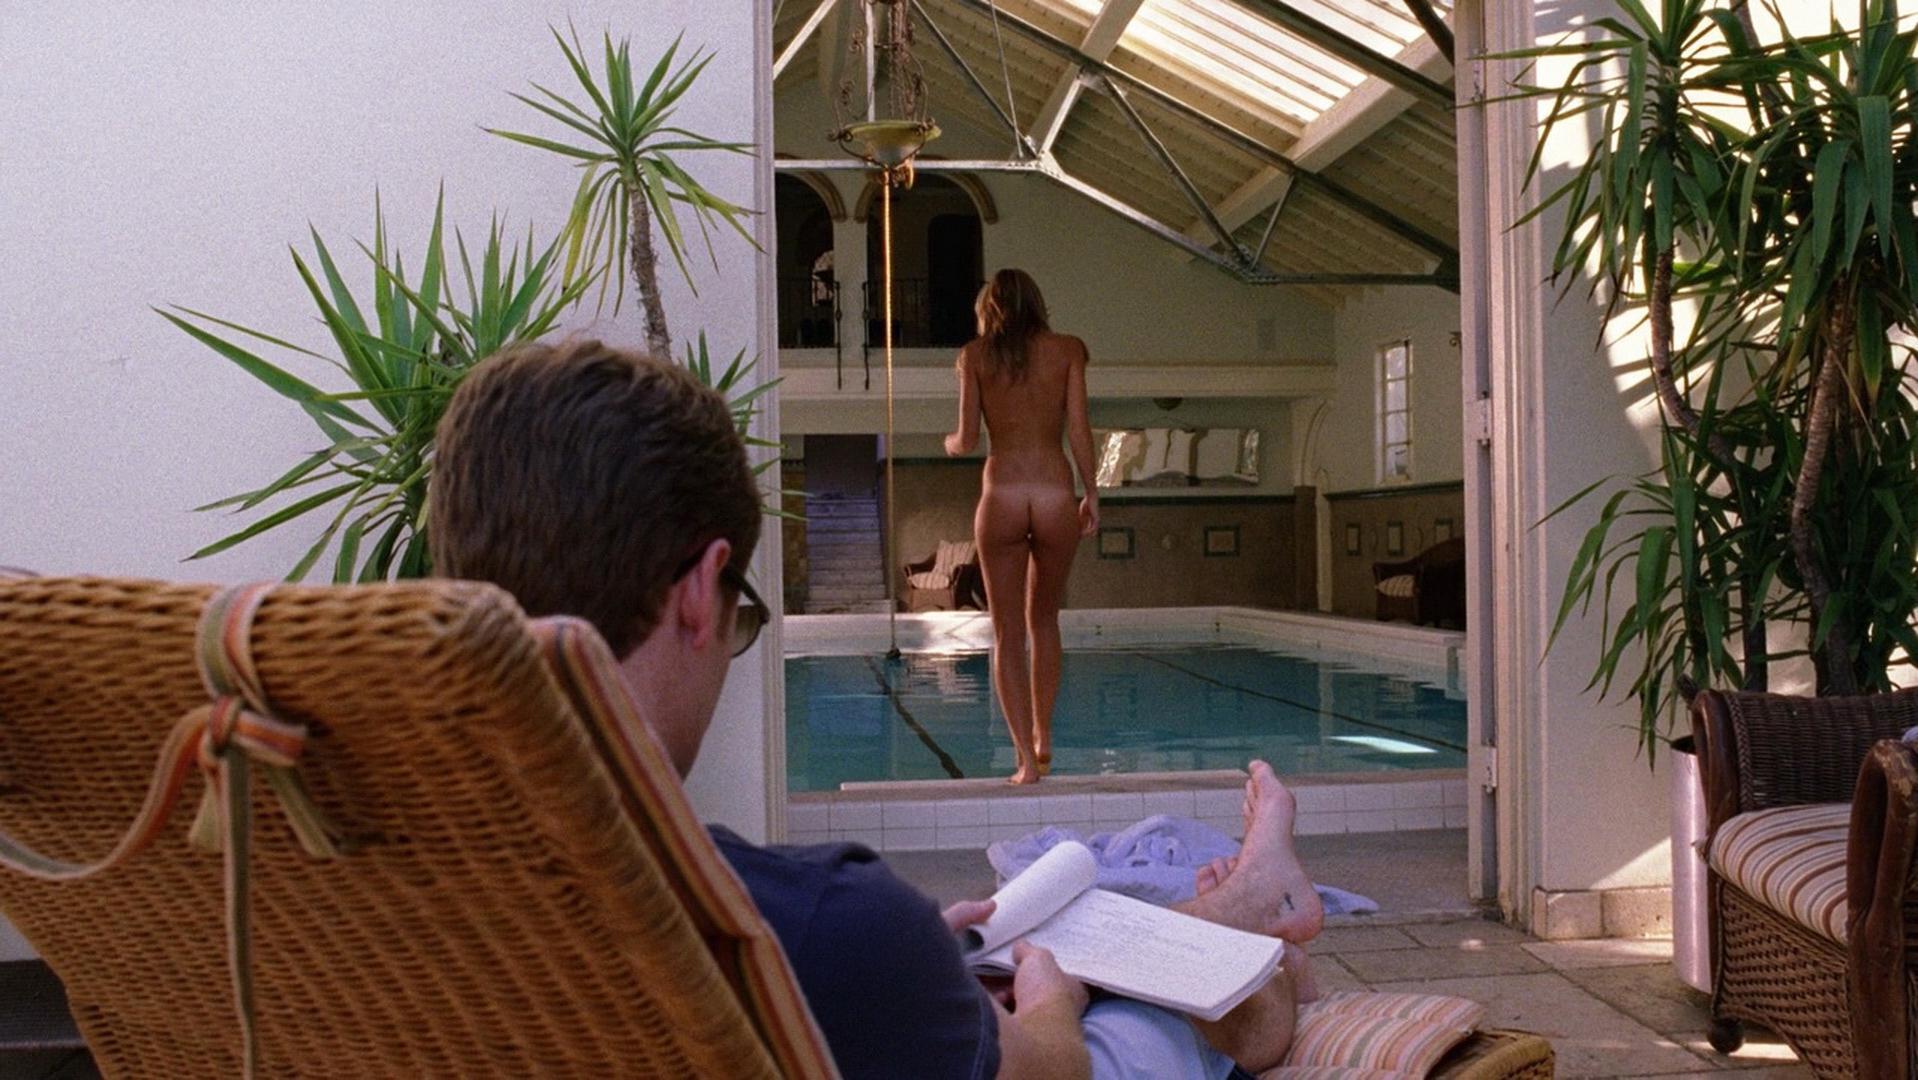 Beau Garrett nude - Entourage s01e05 (2004)